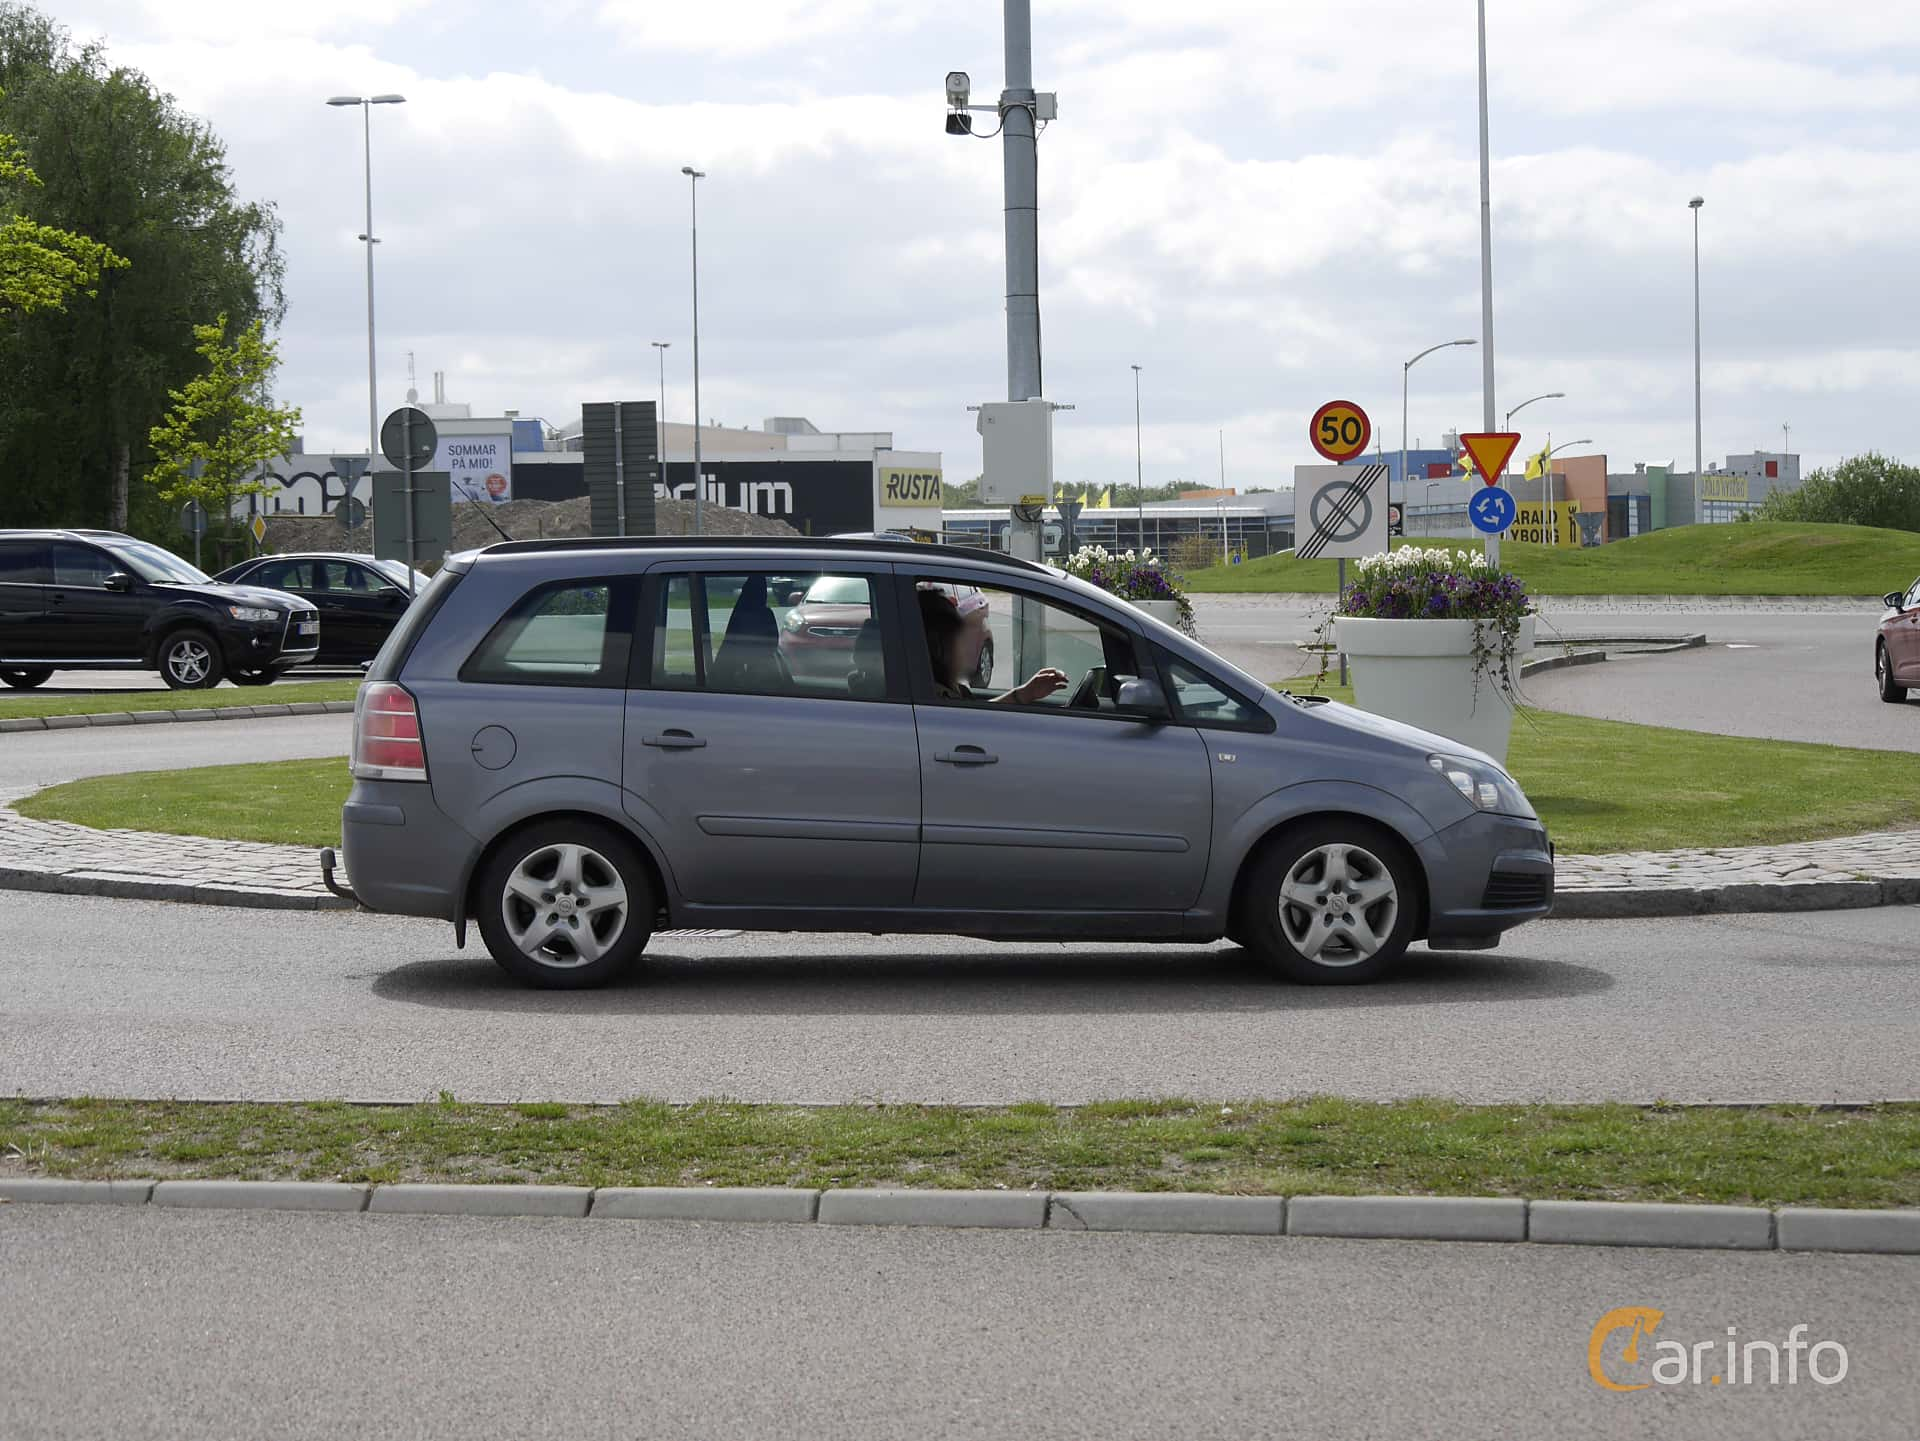 Opel zafira 1.9 cdti 120cv cosmo - Vendita in Auto - Subito.it